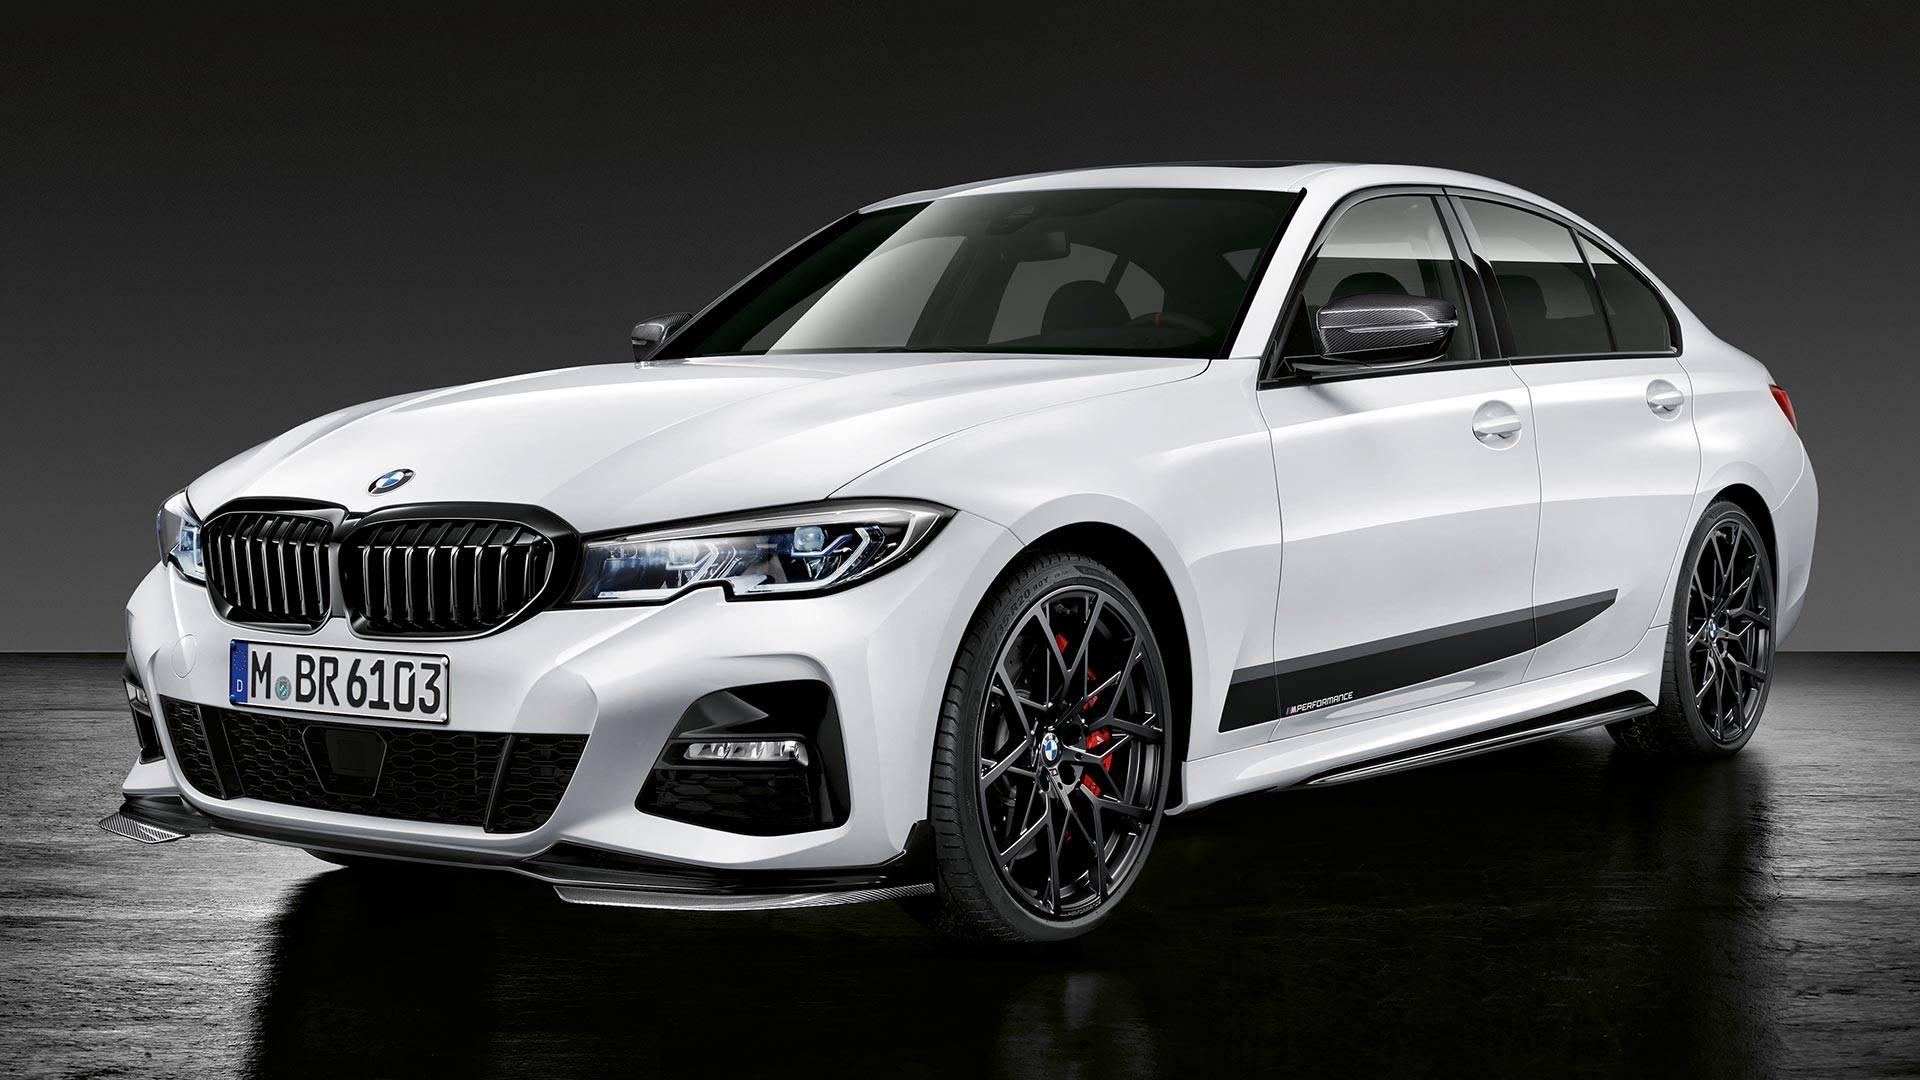 Prvi pogled na BMW serije 3 sa M Performance komponentama (Video)